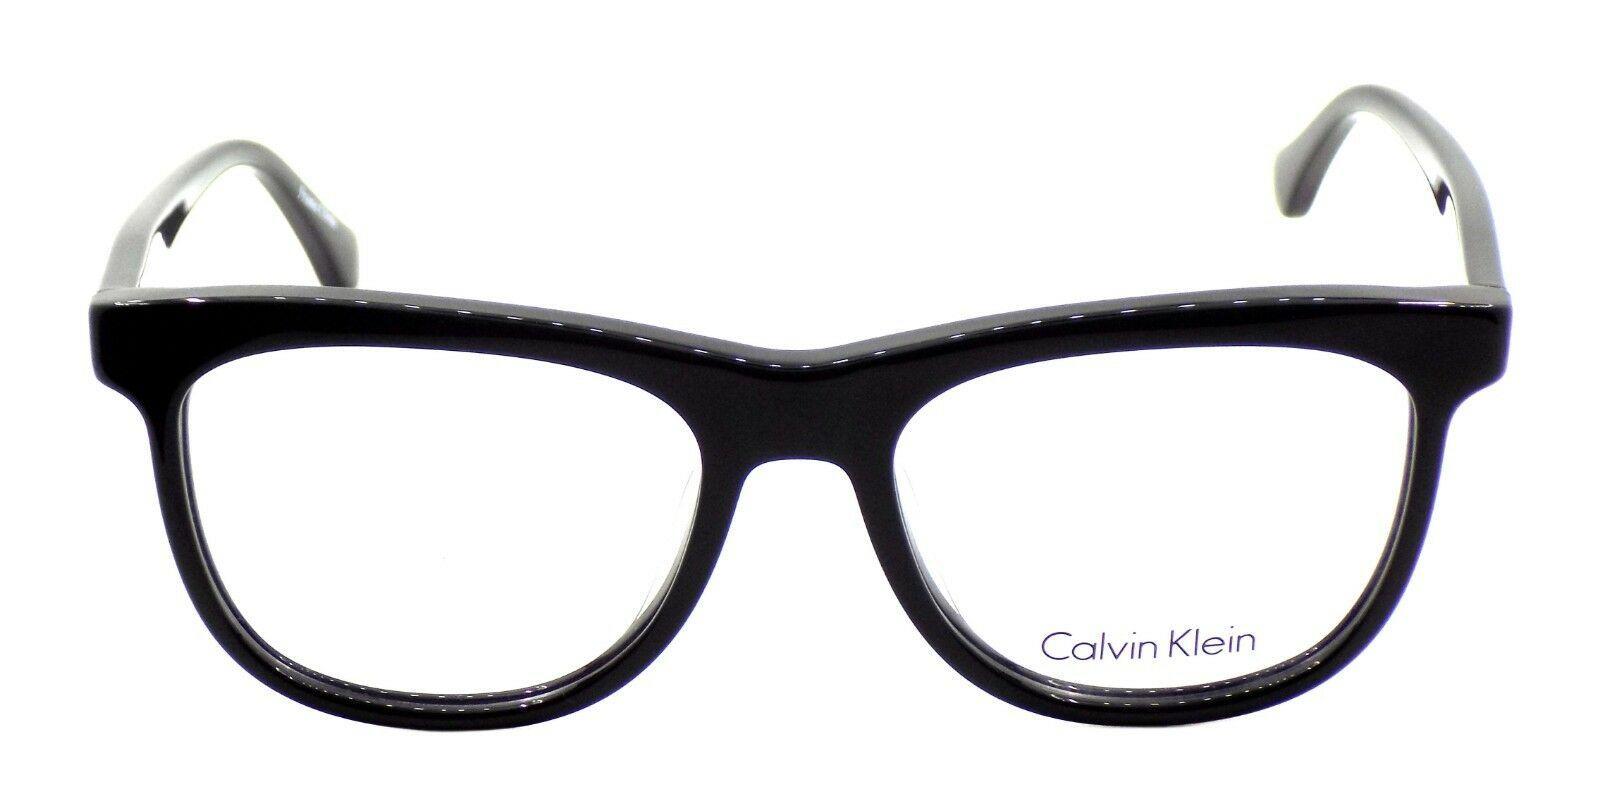 Calvin Klein CK5922 001 Unisex Eyeglasses Frames Black 52-17-140 + CASE